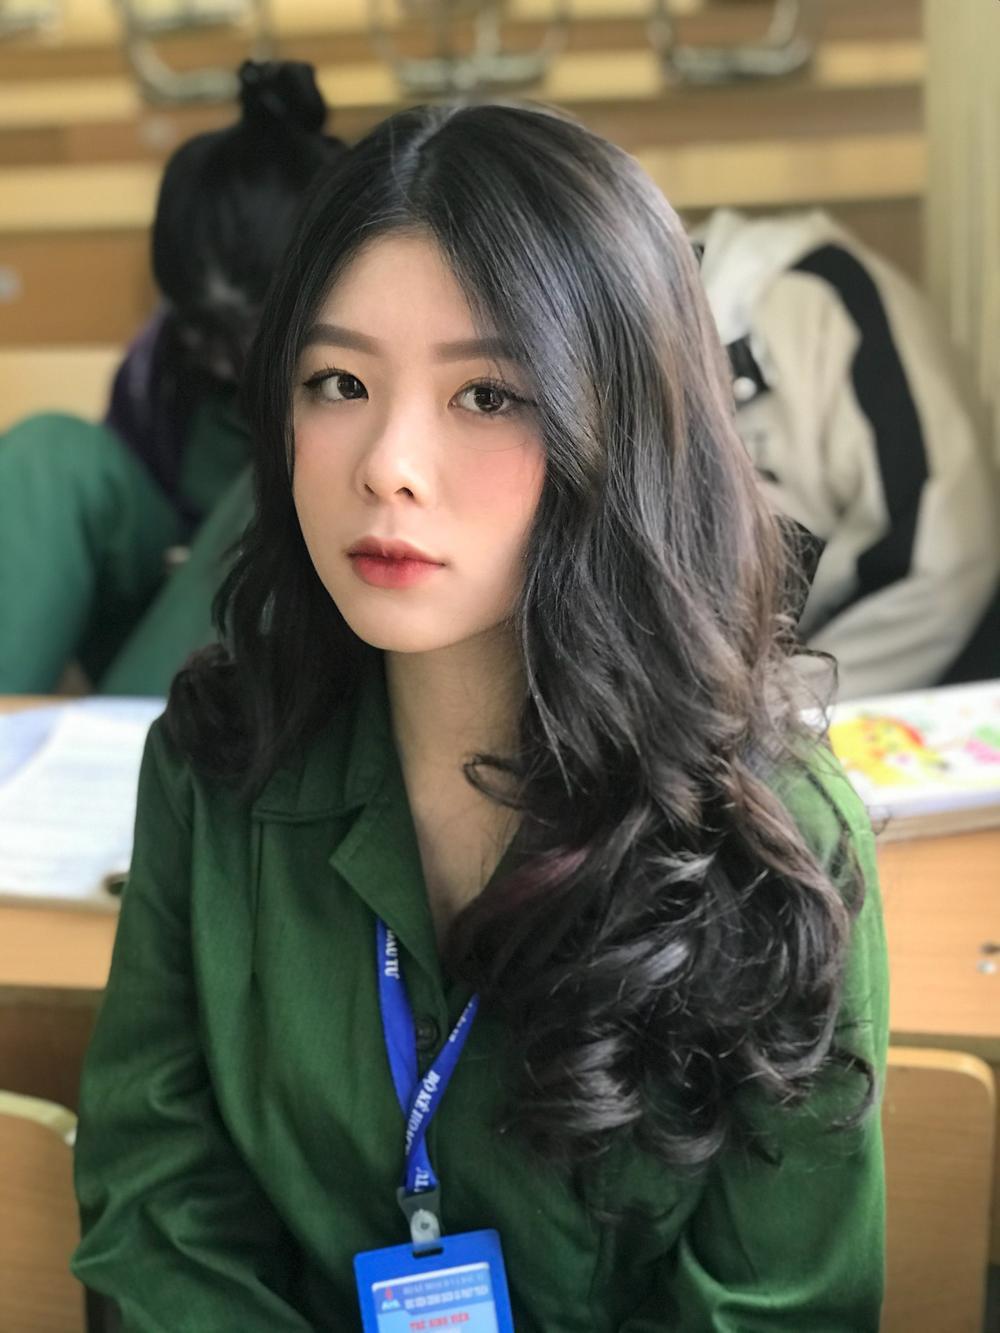 Chiêm ngưỡng dàn 'Trai xinh gái đẹp'- 'Đặc sản' mùa quân sự của Học viện Chính sách và Phát triển Ảnh 3